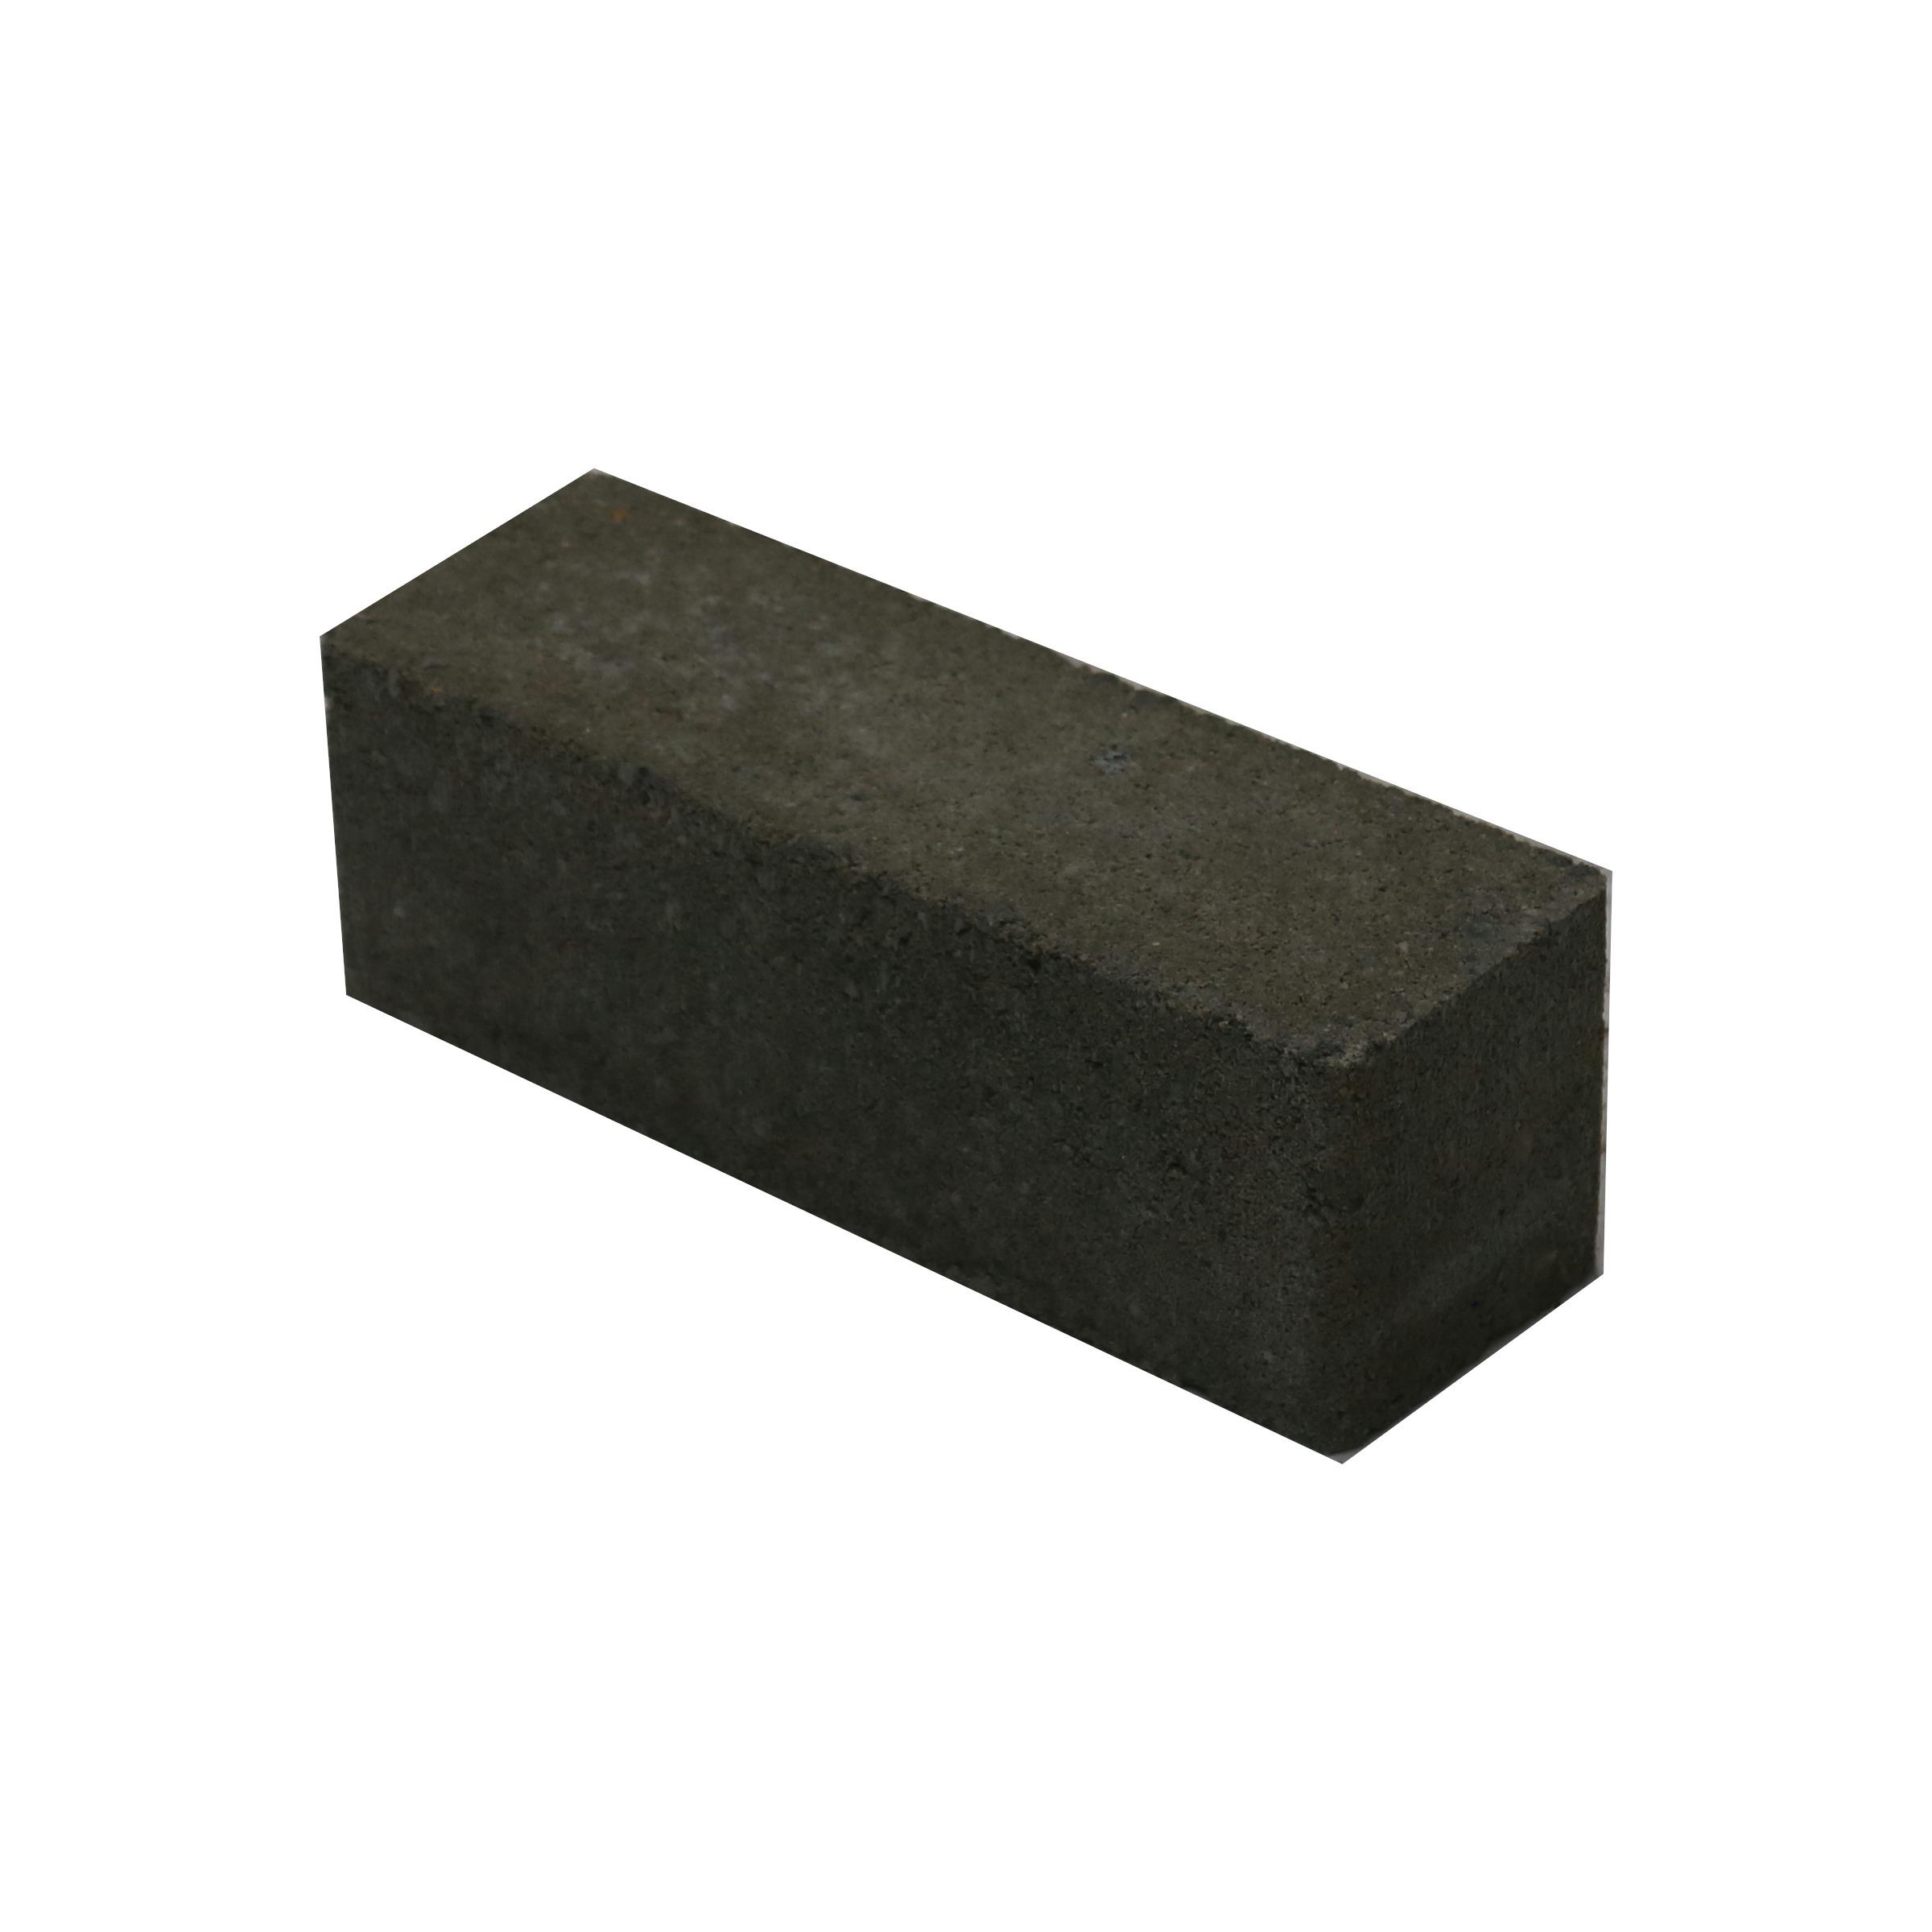 Klinker Beton Grijs Dikformaat 21x7x7 cm - 51 Klinkers - 0,51 m2